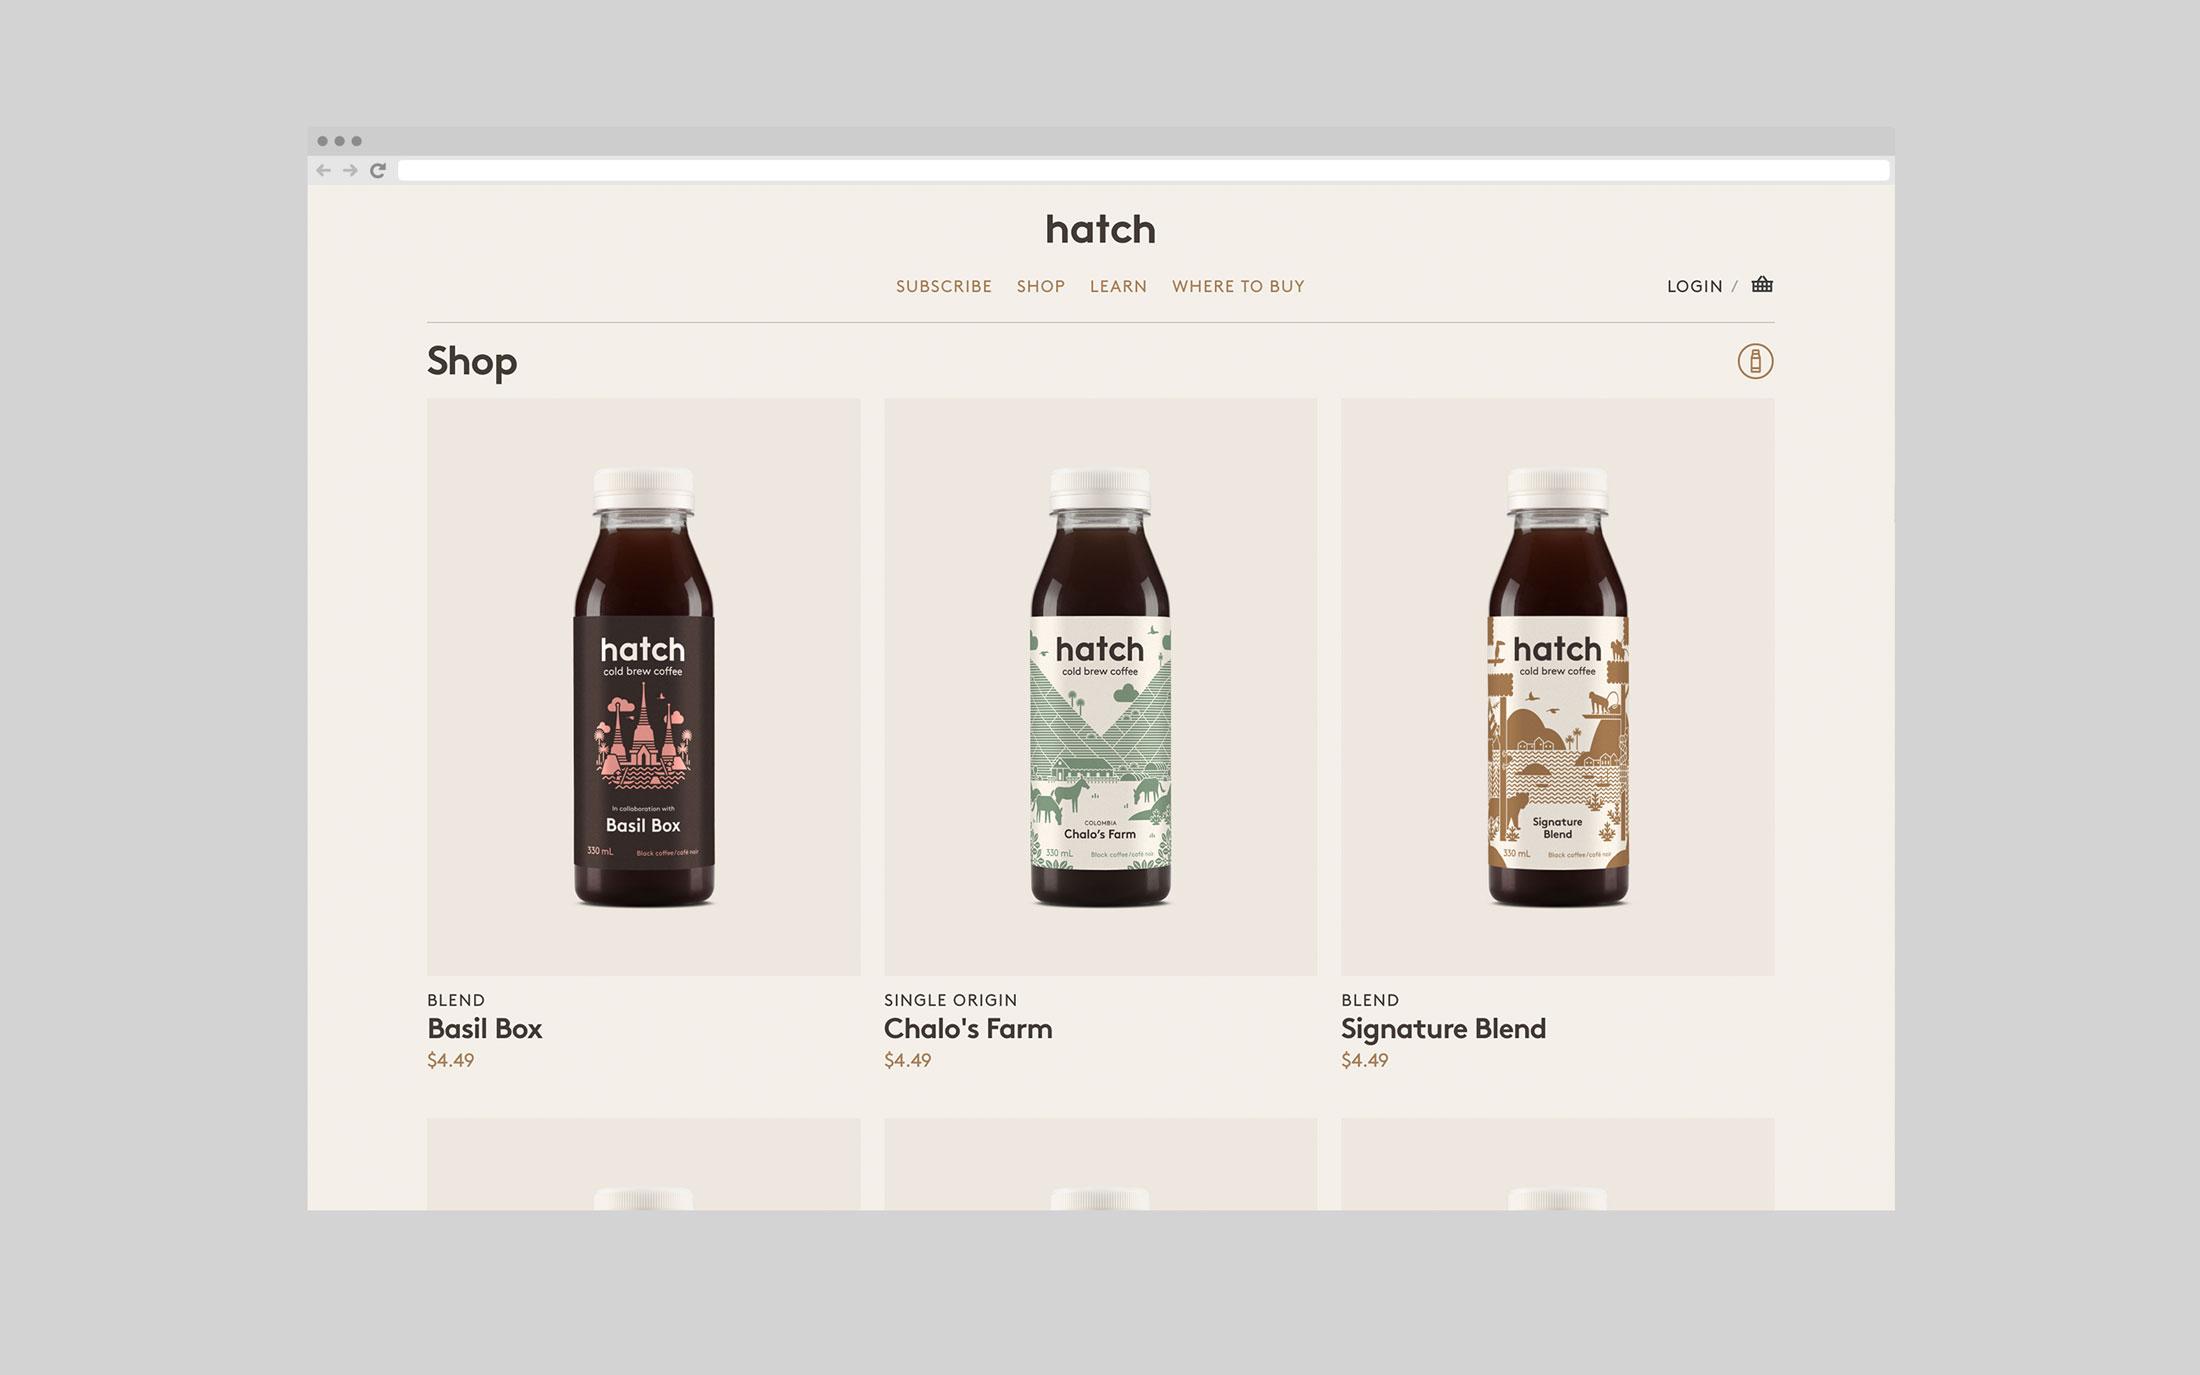 tung_hatch_website_shop